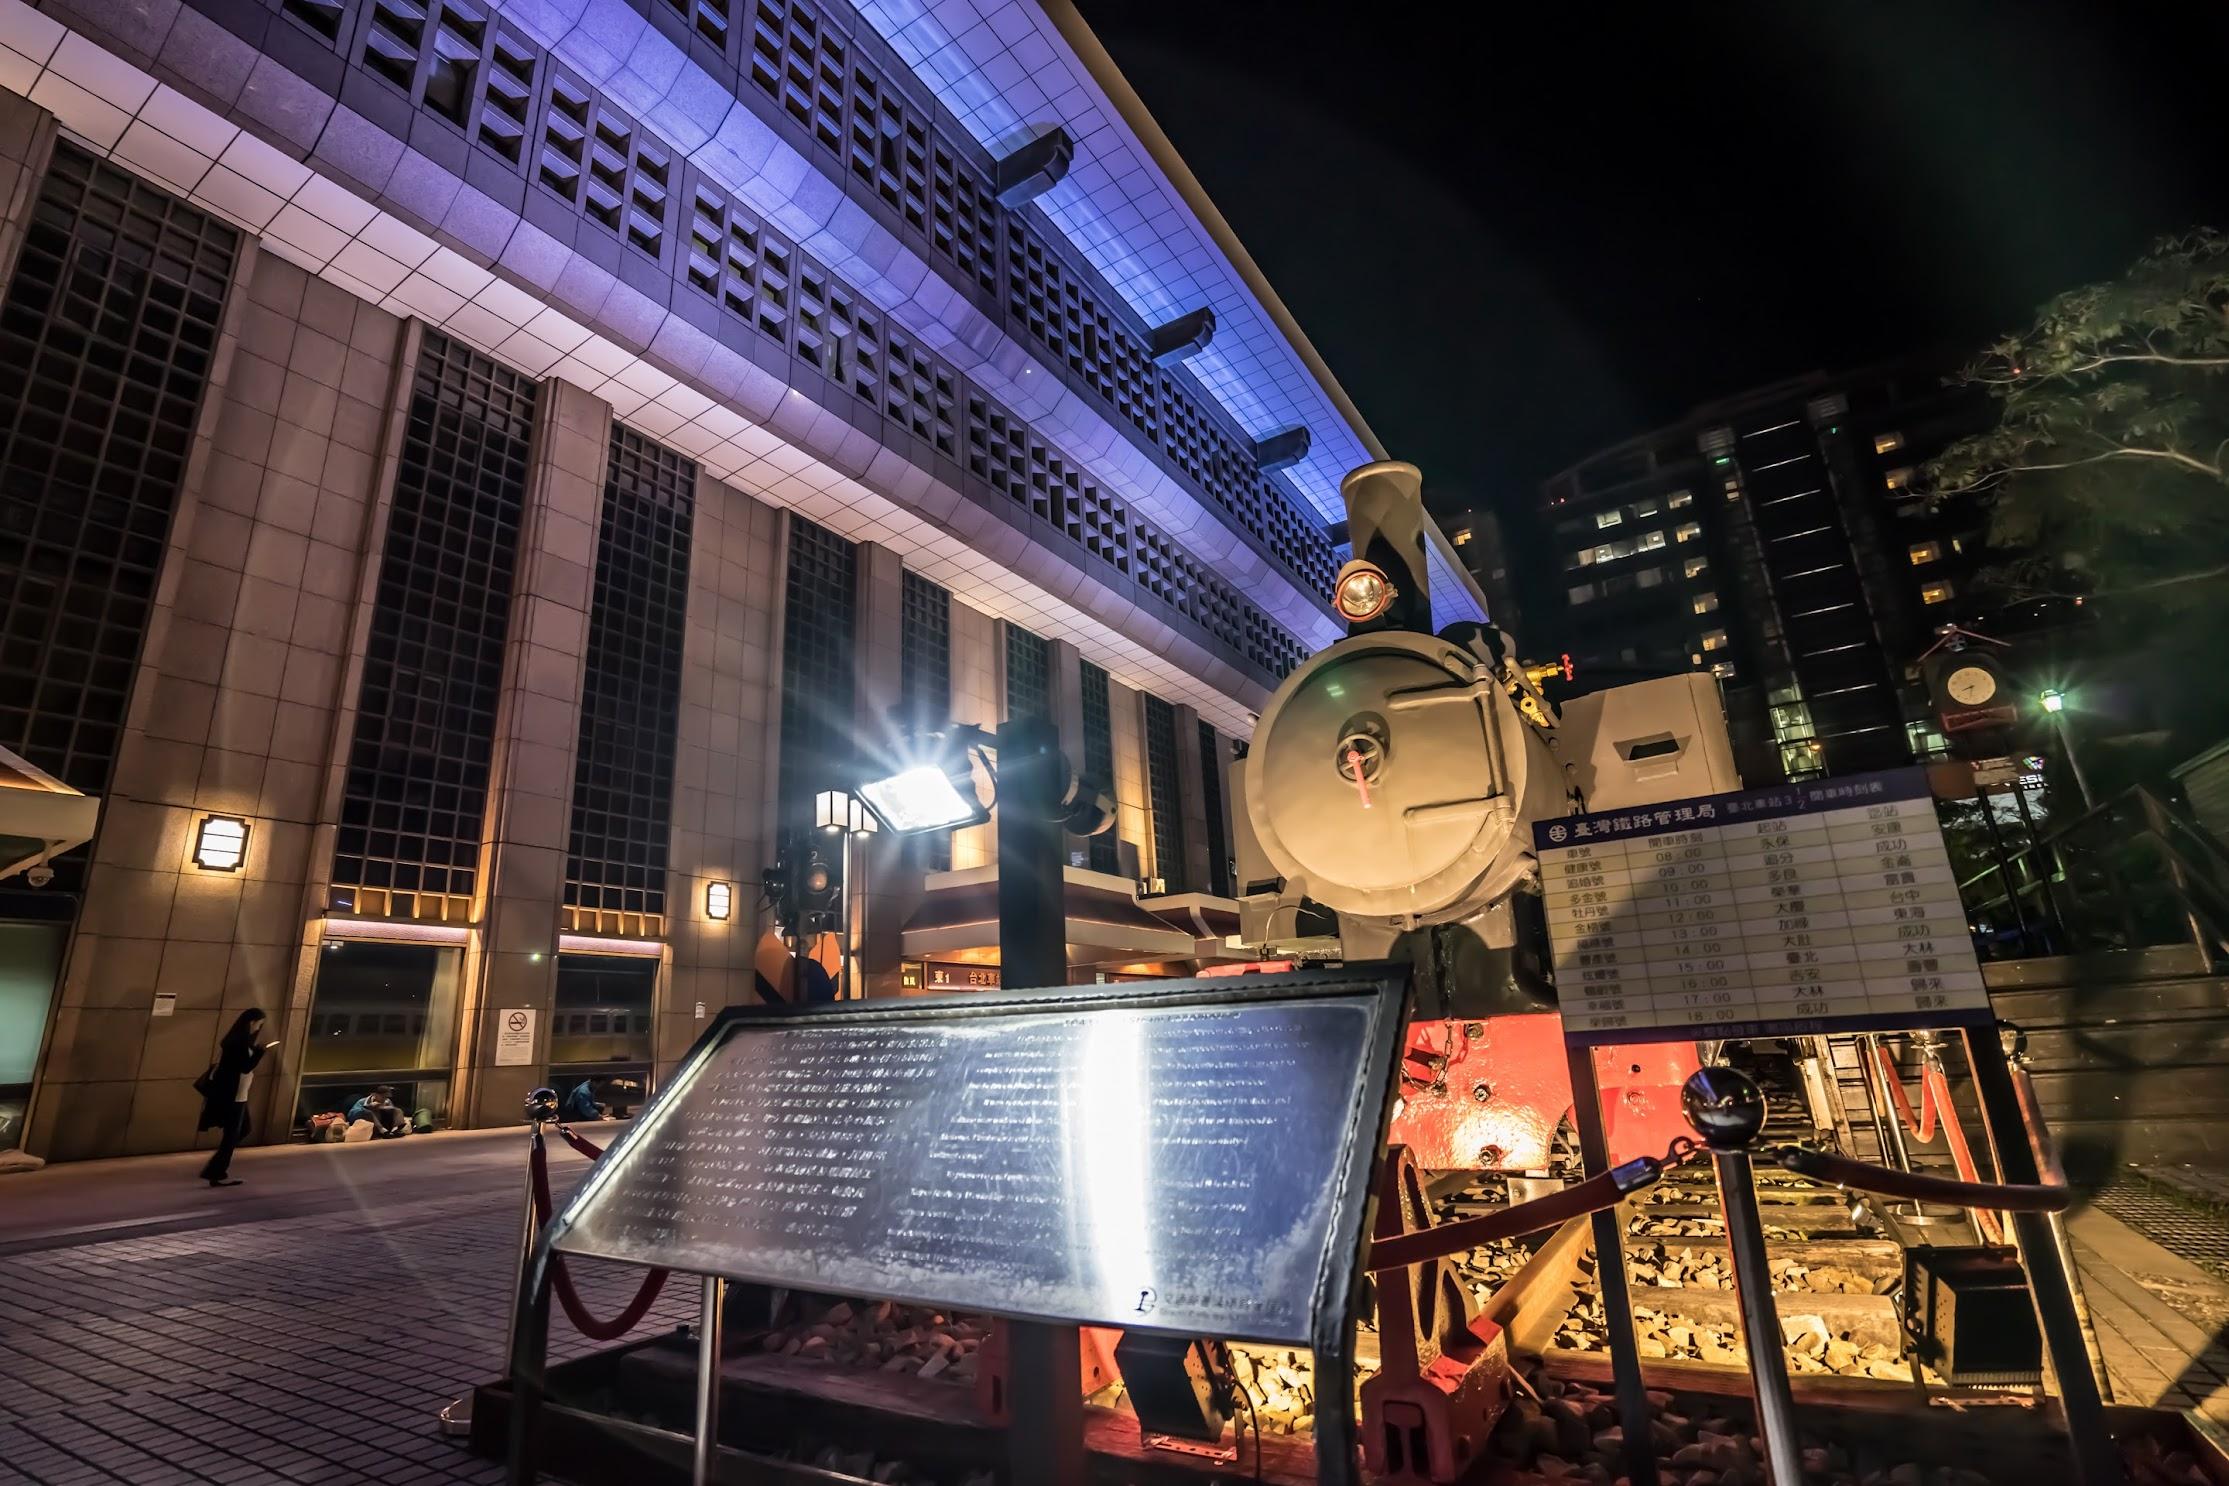 台北駅 SL(蒸気機関車) ライトアップ2